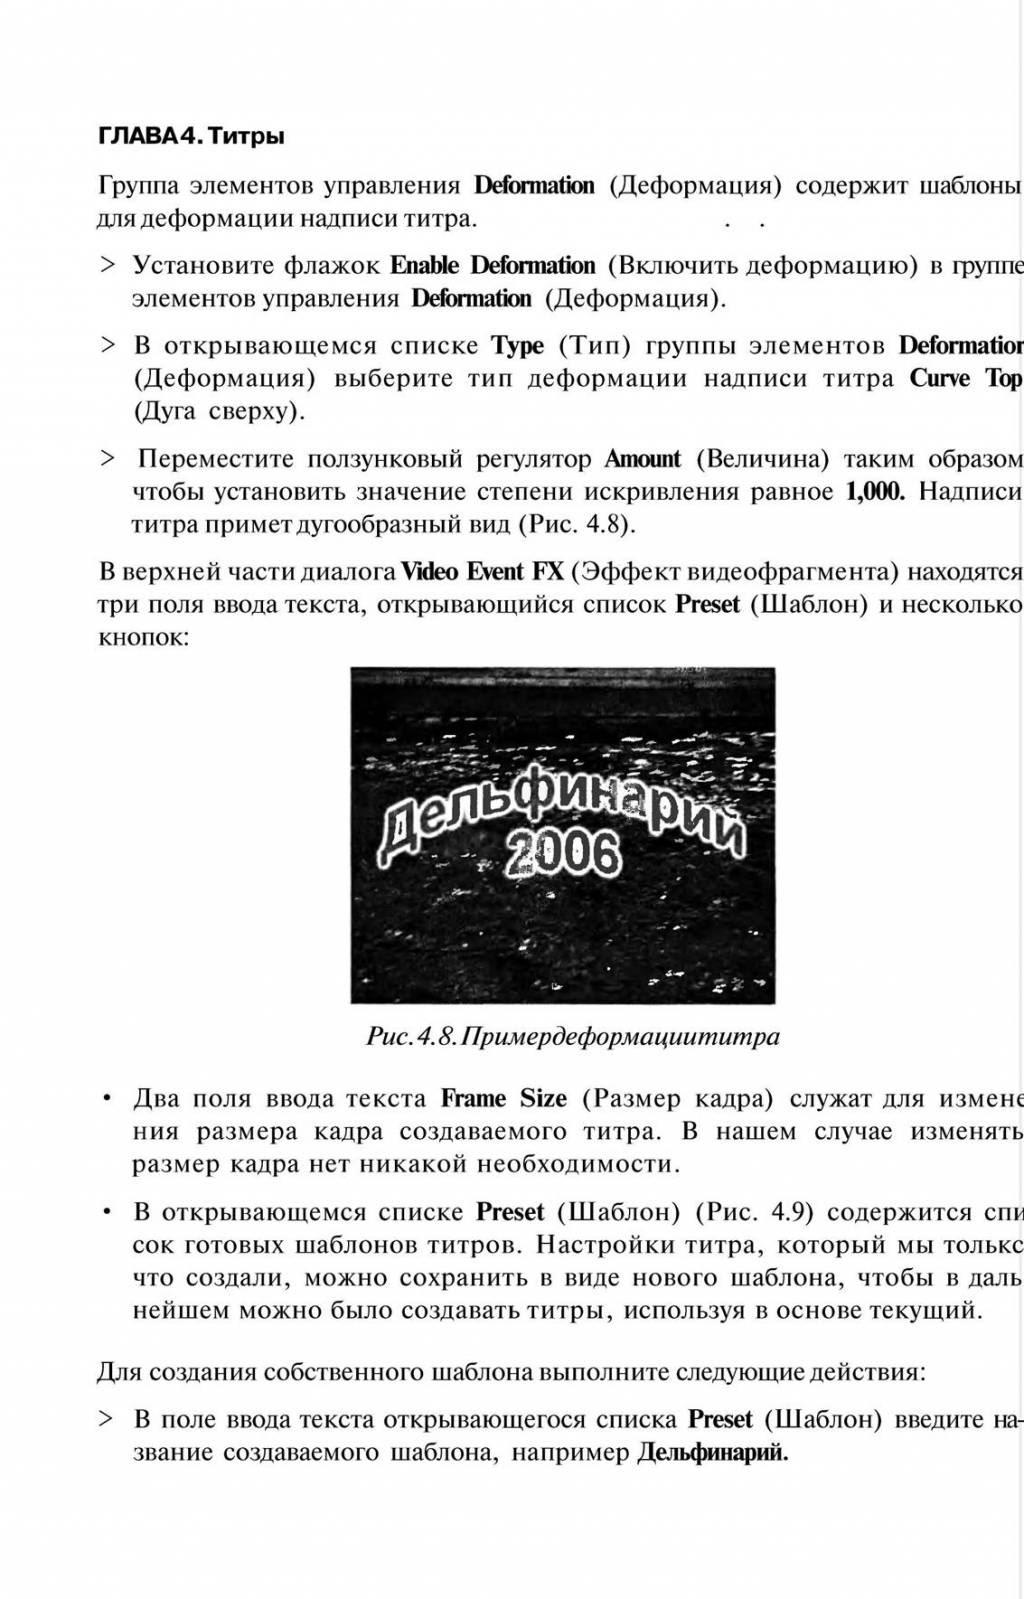 http://redaktori-uroki.3dn.ru/_ph/6/283159896.jpg